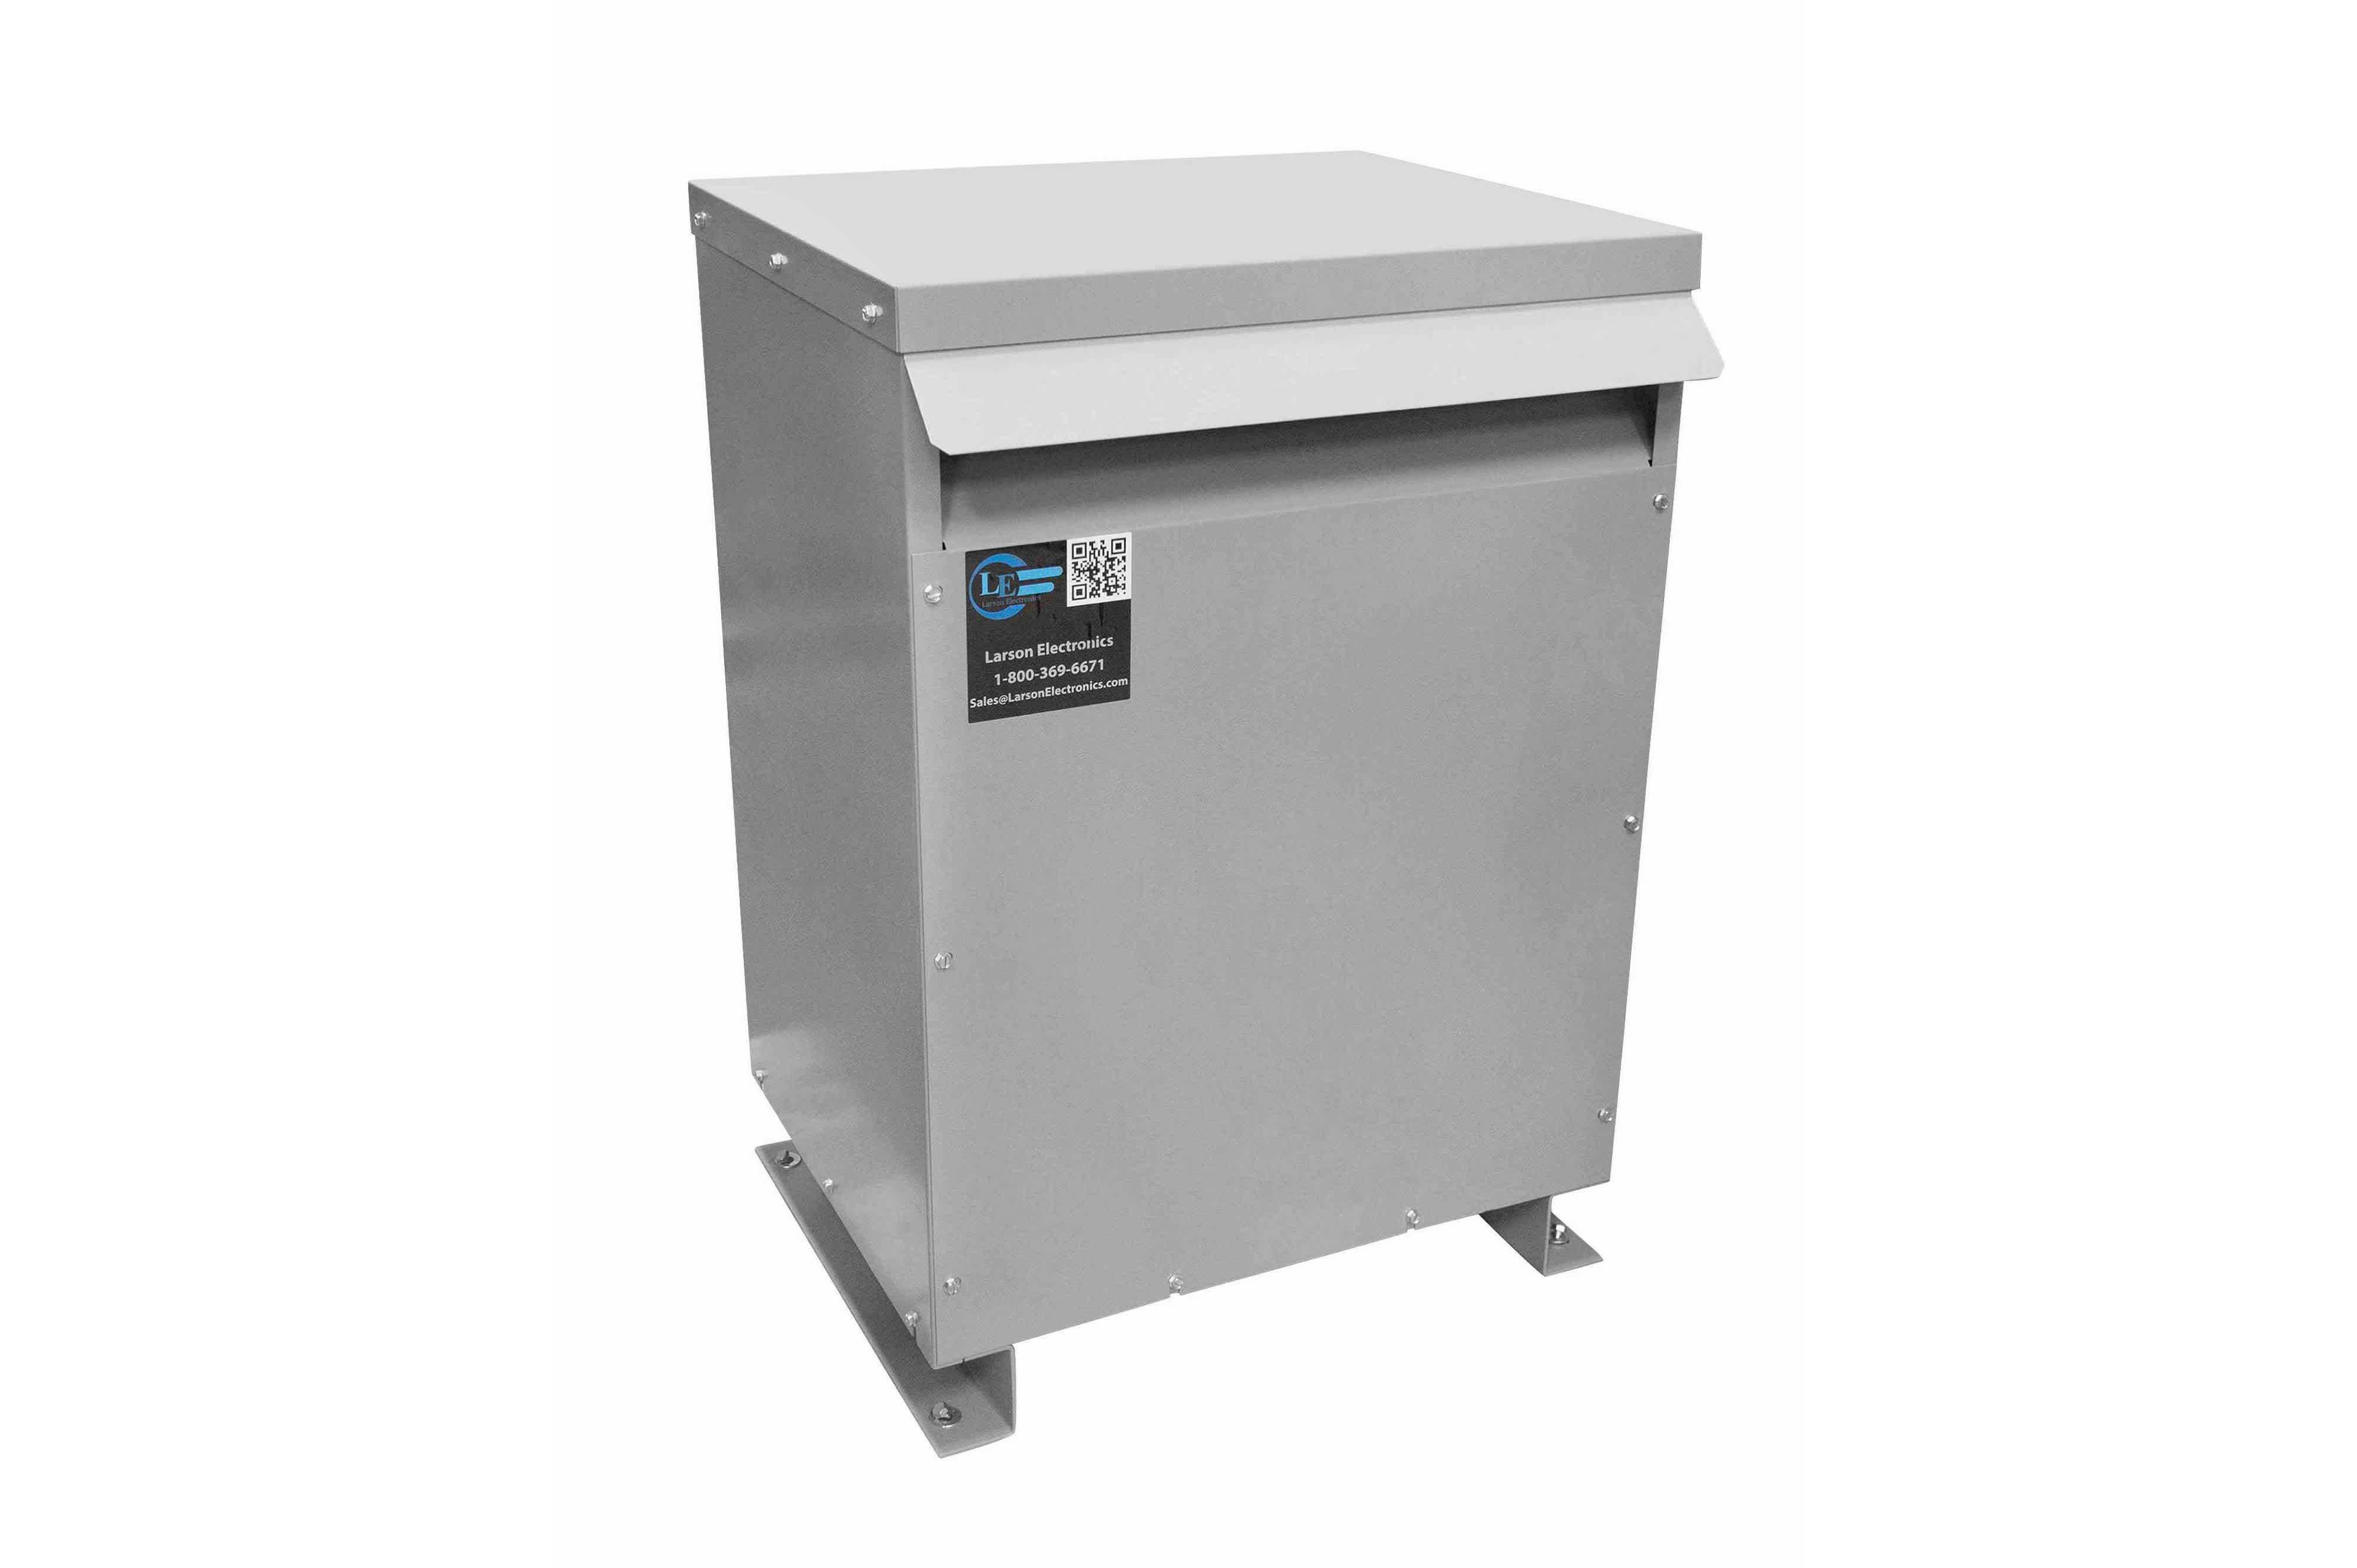 47.5 kVA 3PH Isolation Transformer, 220V Delta Primary, 480V Delta Secondary, N3R, Ventilated, 60 Hz